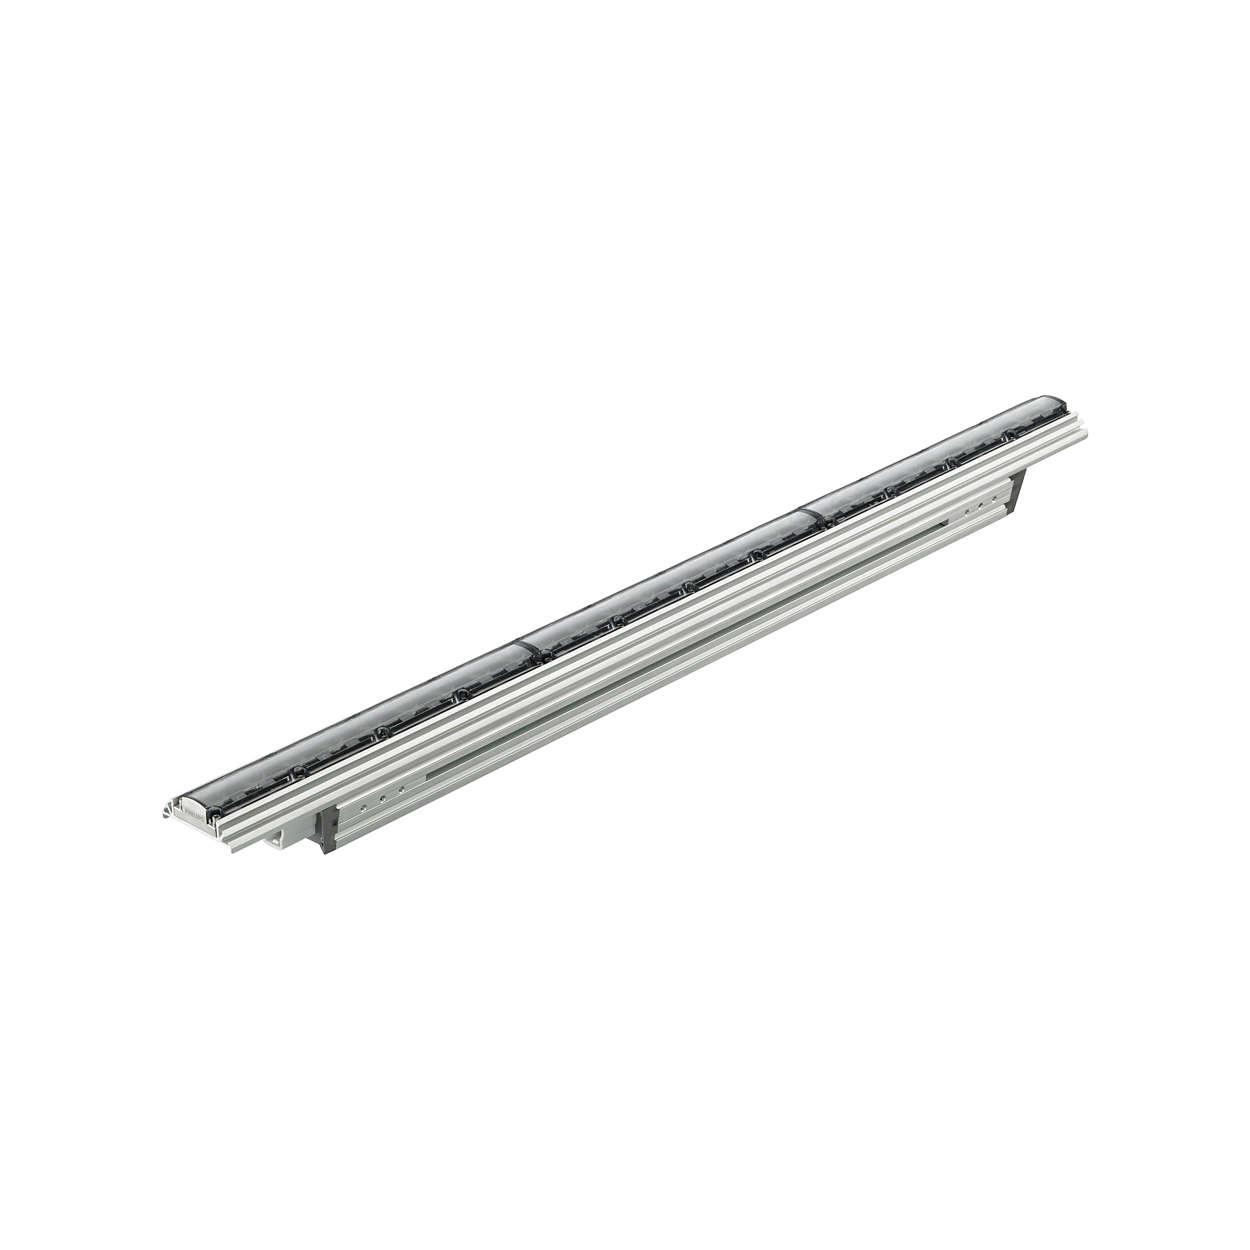 Graze QLX Powercore — oświetlenie średniej mocy do wielopiętrowych fasad i powierzchni